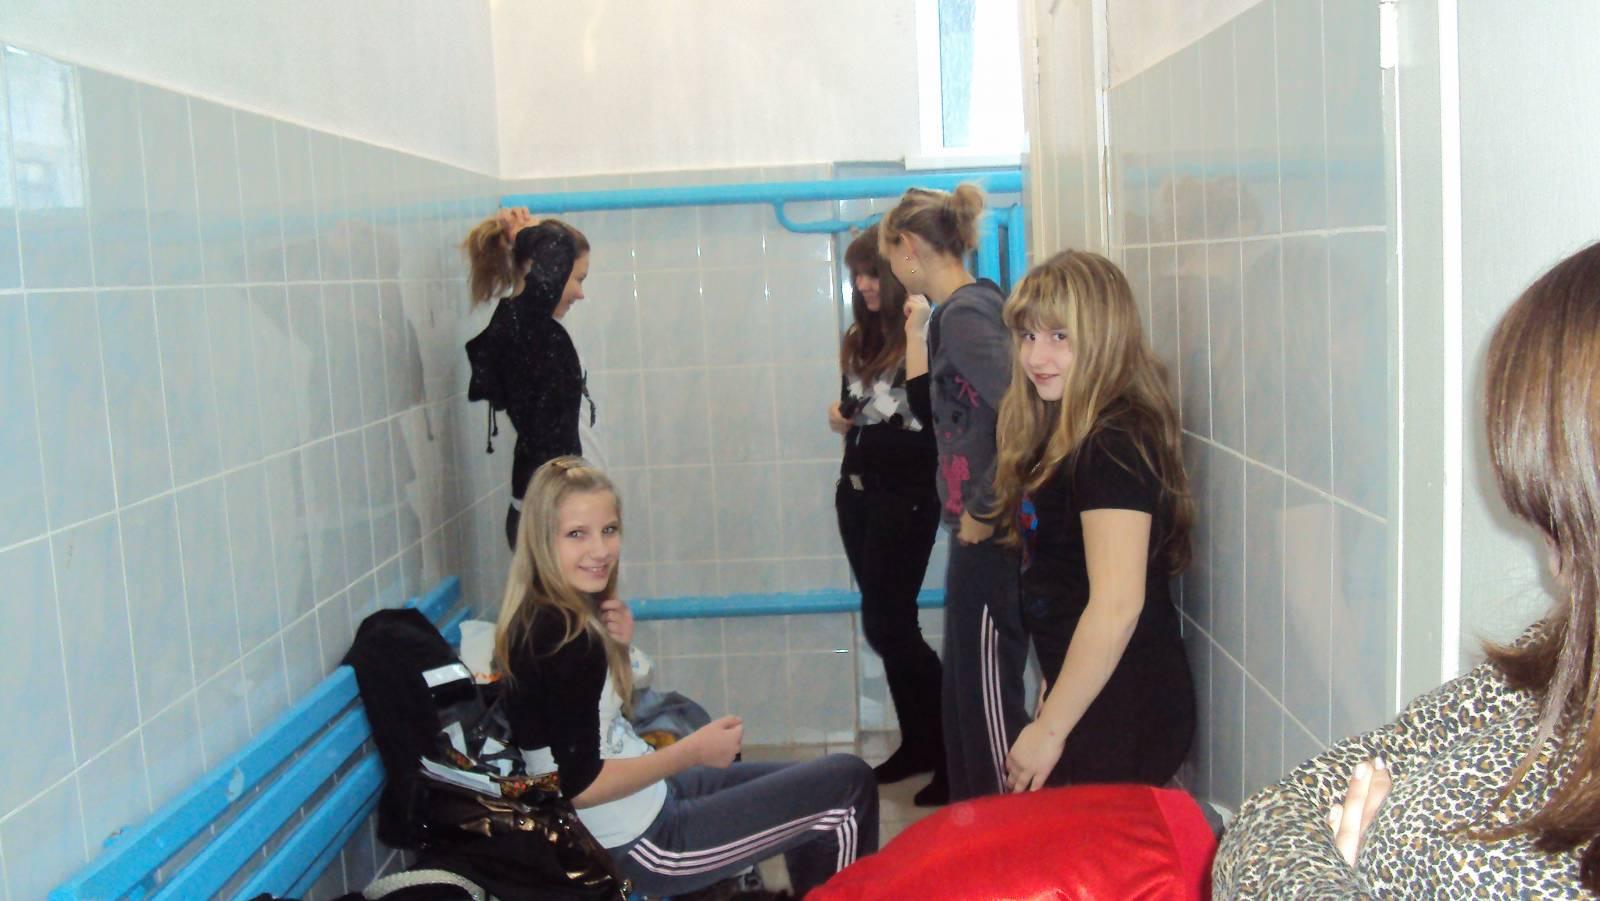 Раздевалка для девочек 2 фотография